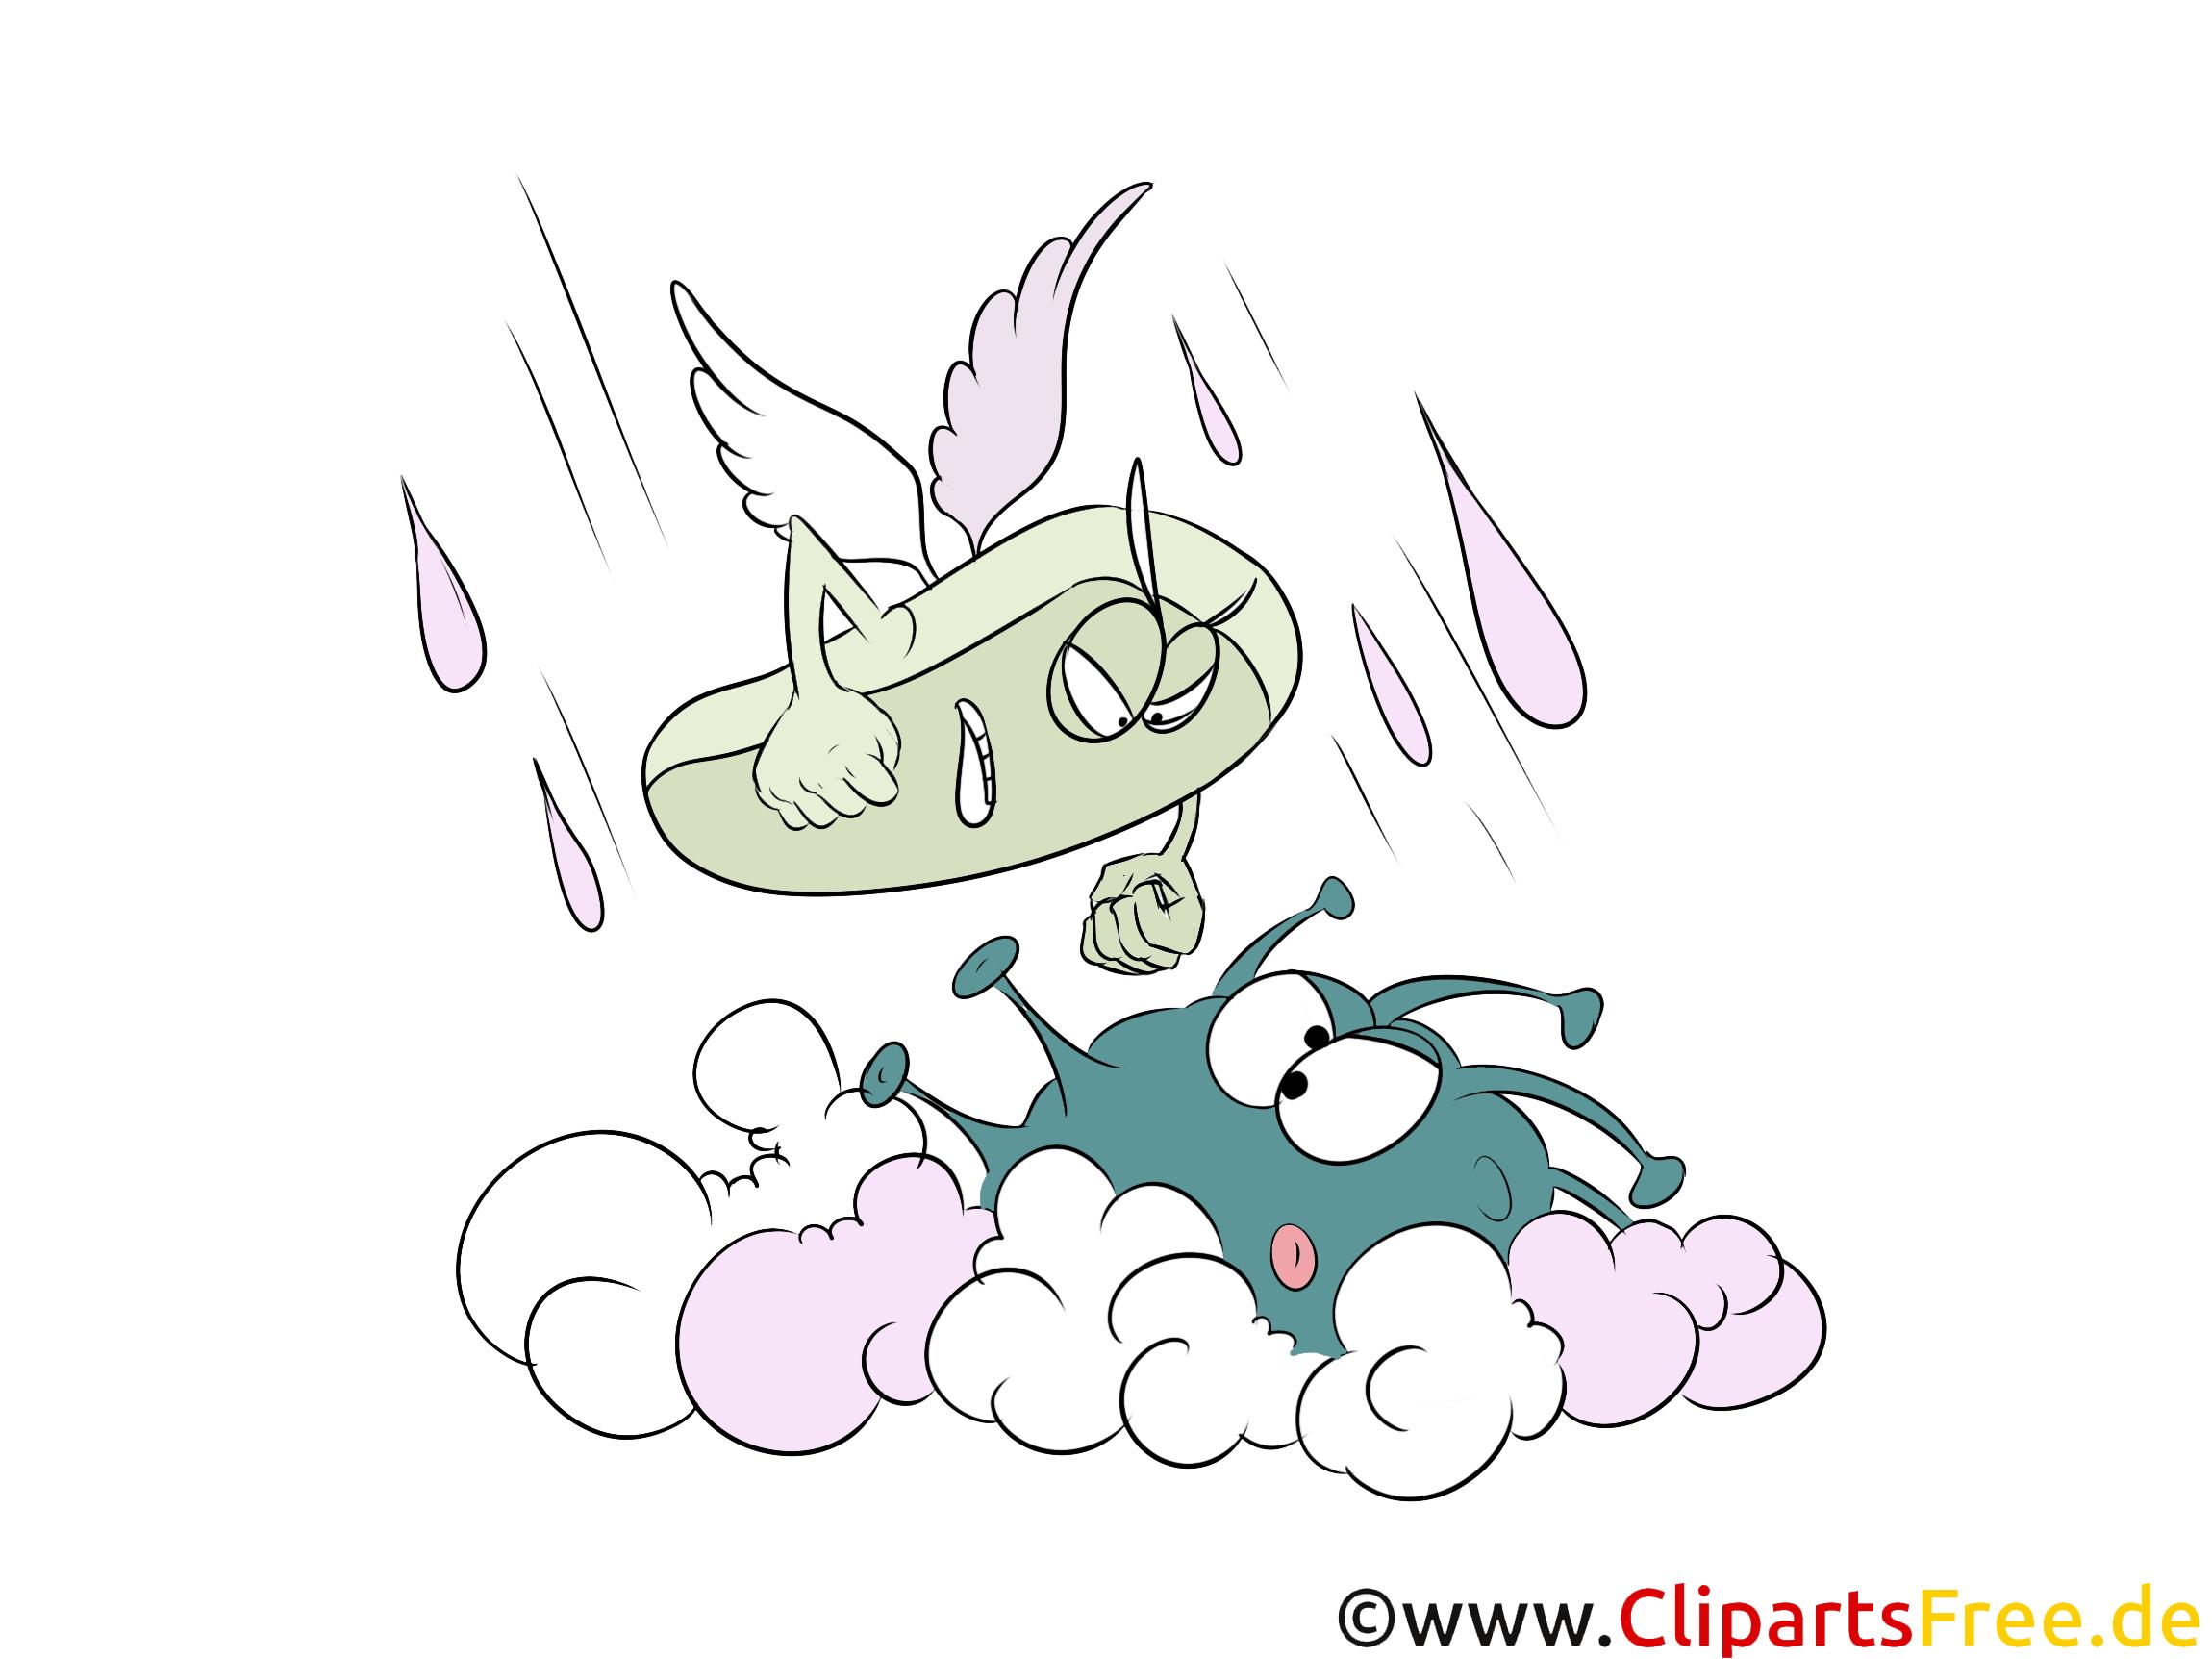 Seife bekämpft Bakterien Clipart, Illustration, Bild